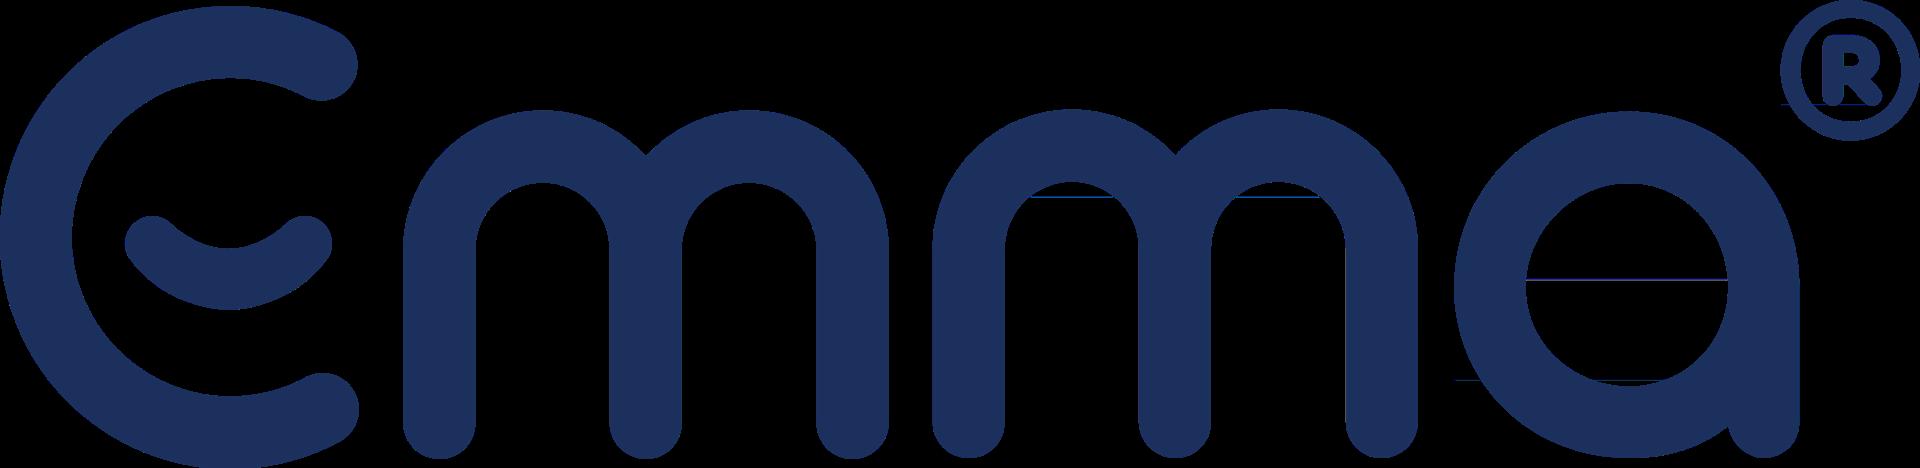 EMMASLEEPMX